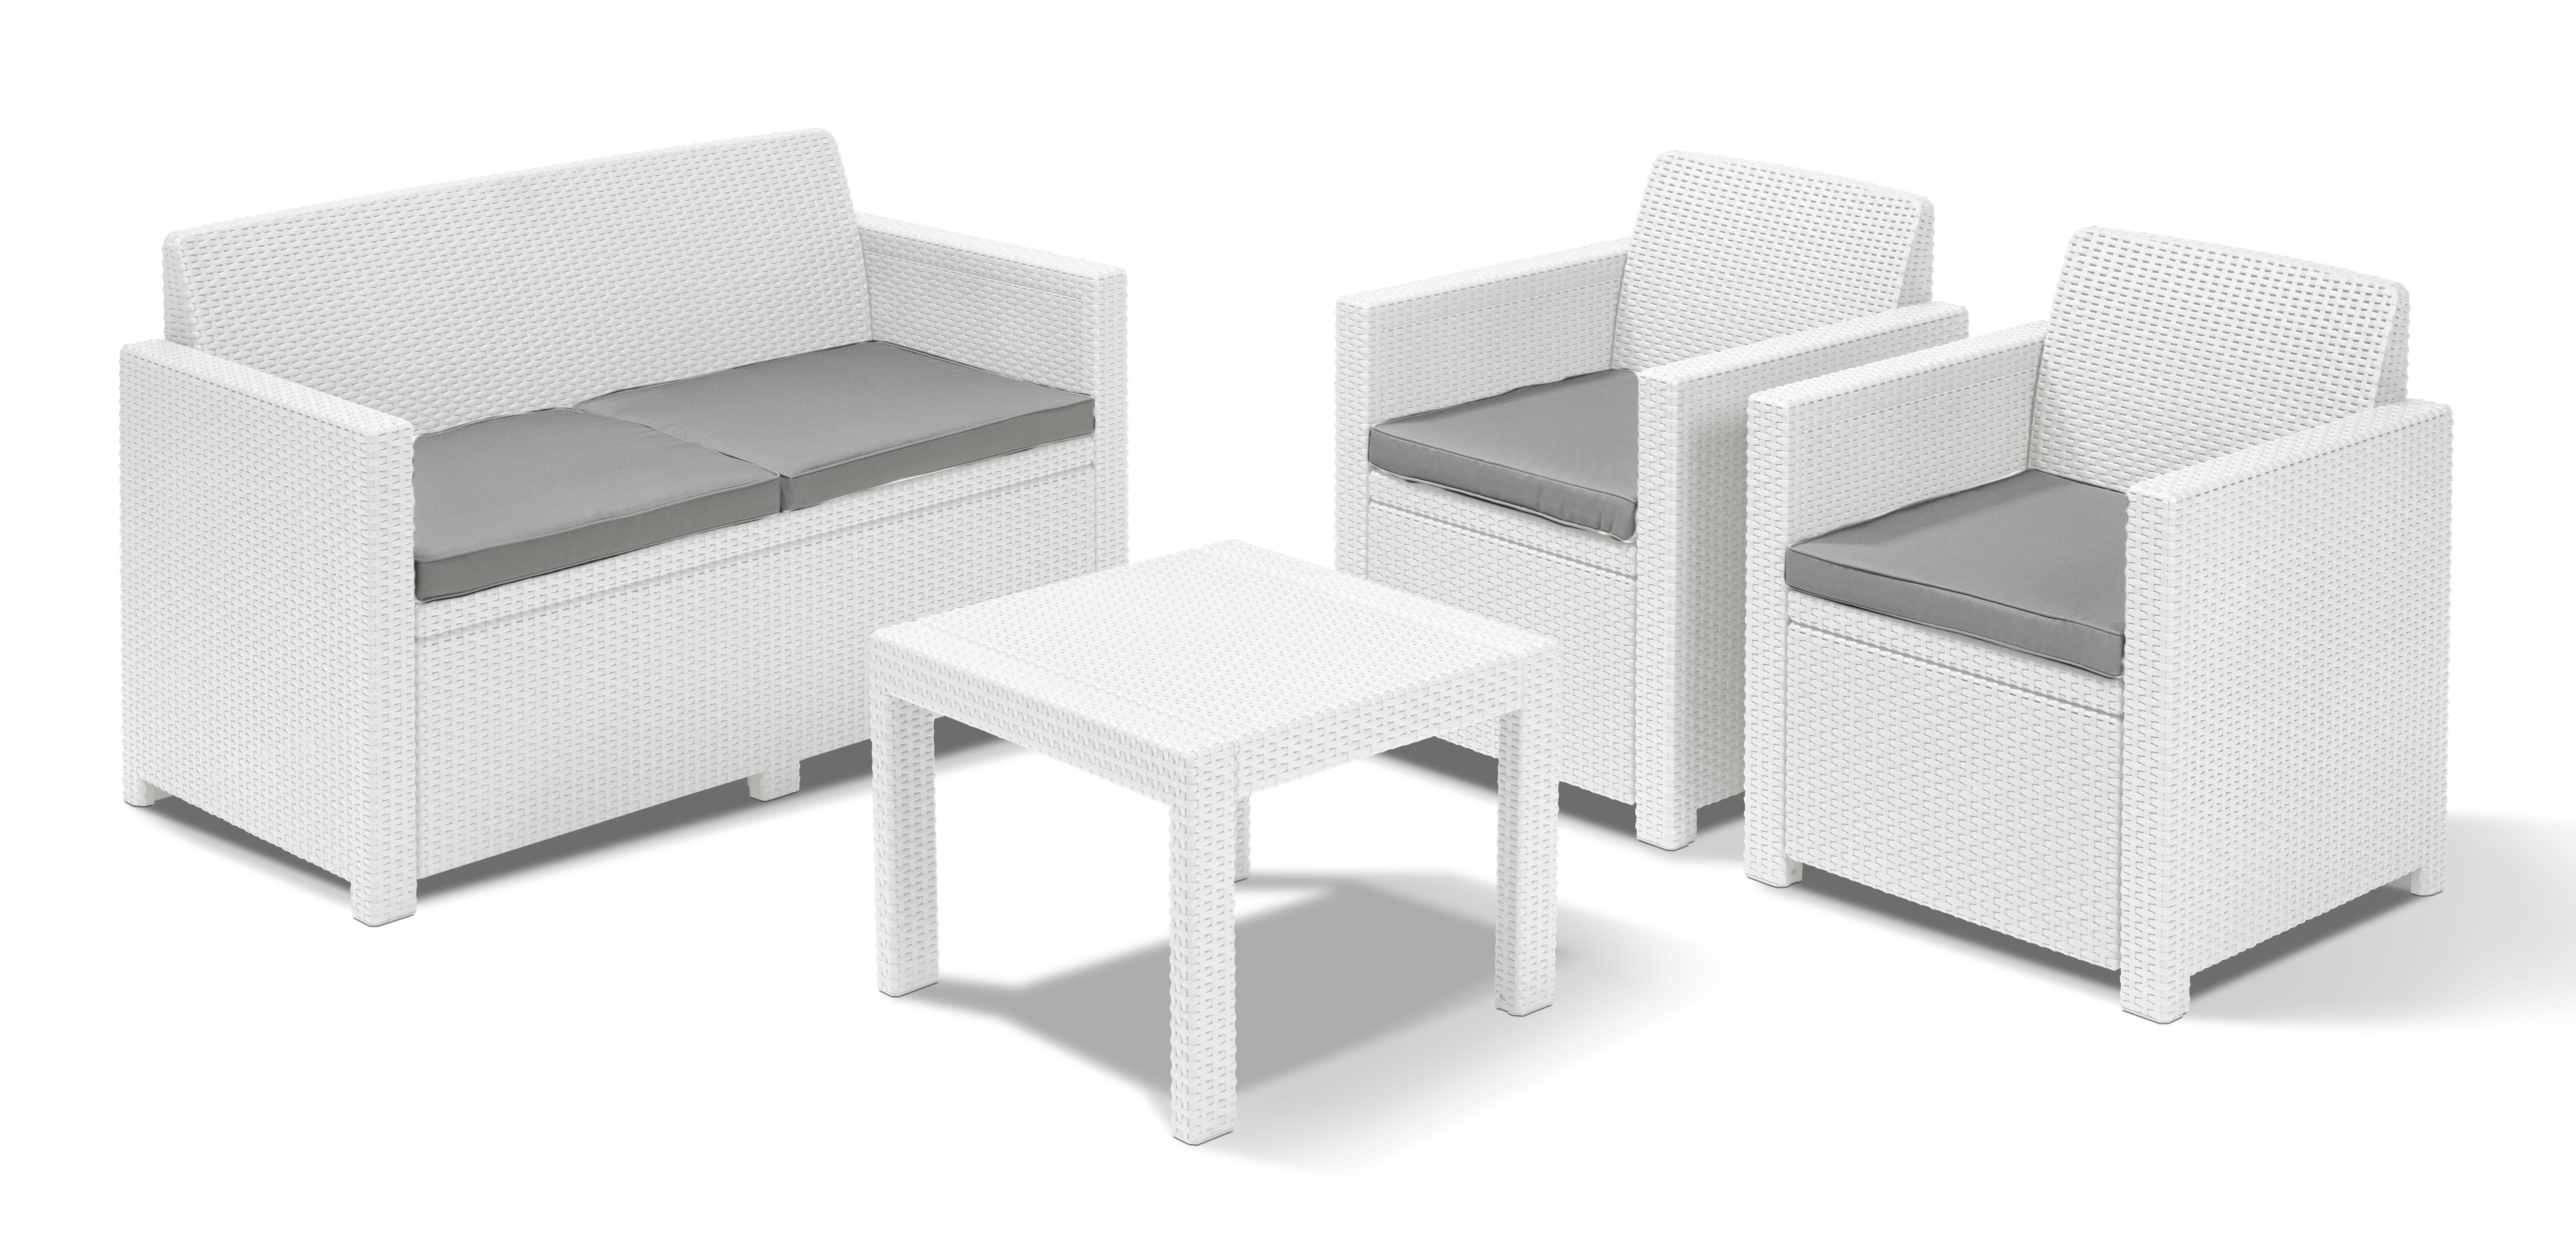 Salottino da giardino bianco 2 poltrone tavolino salotto da esterno simil rattan